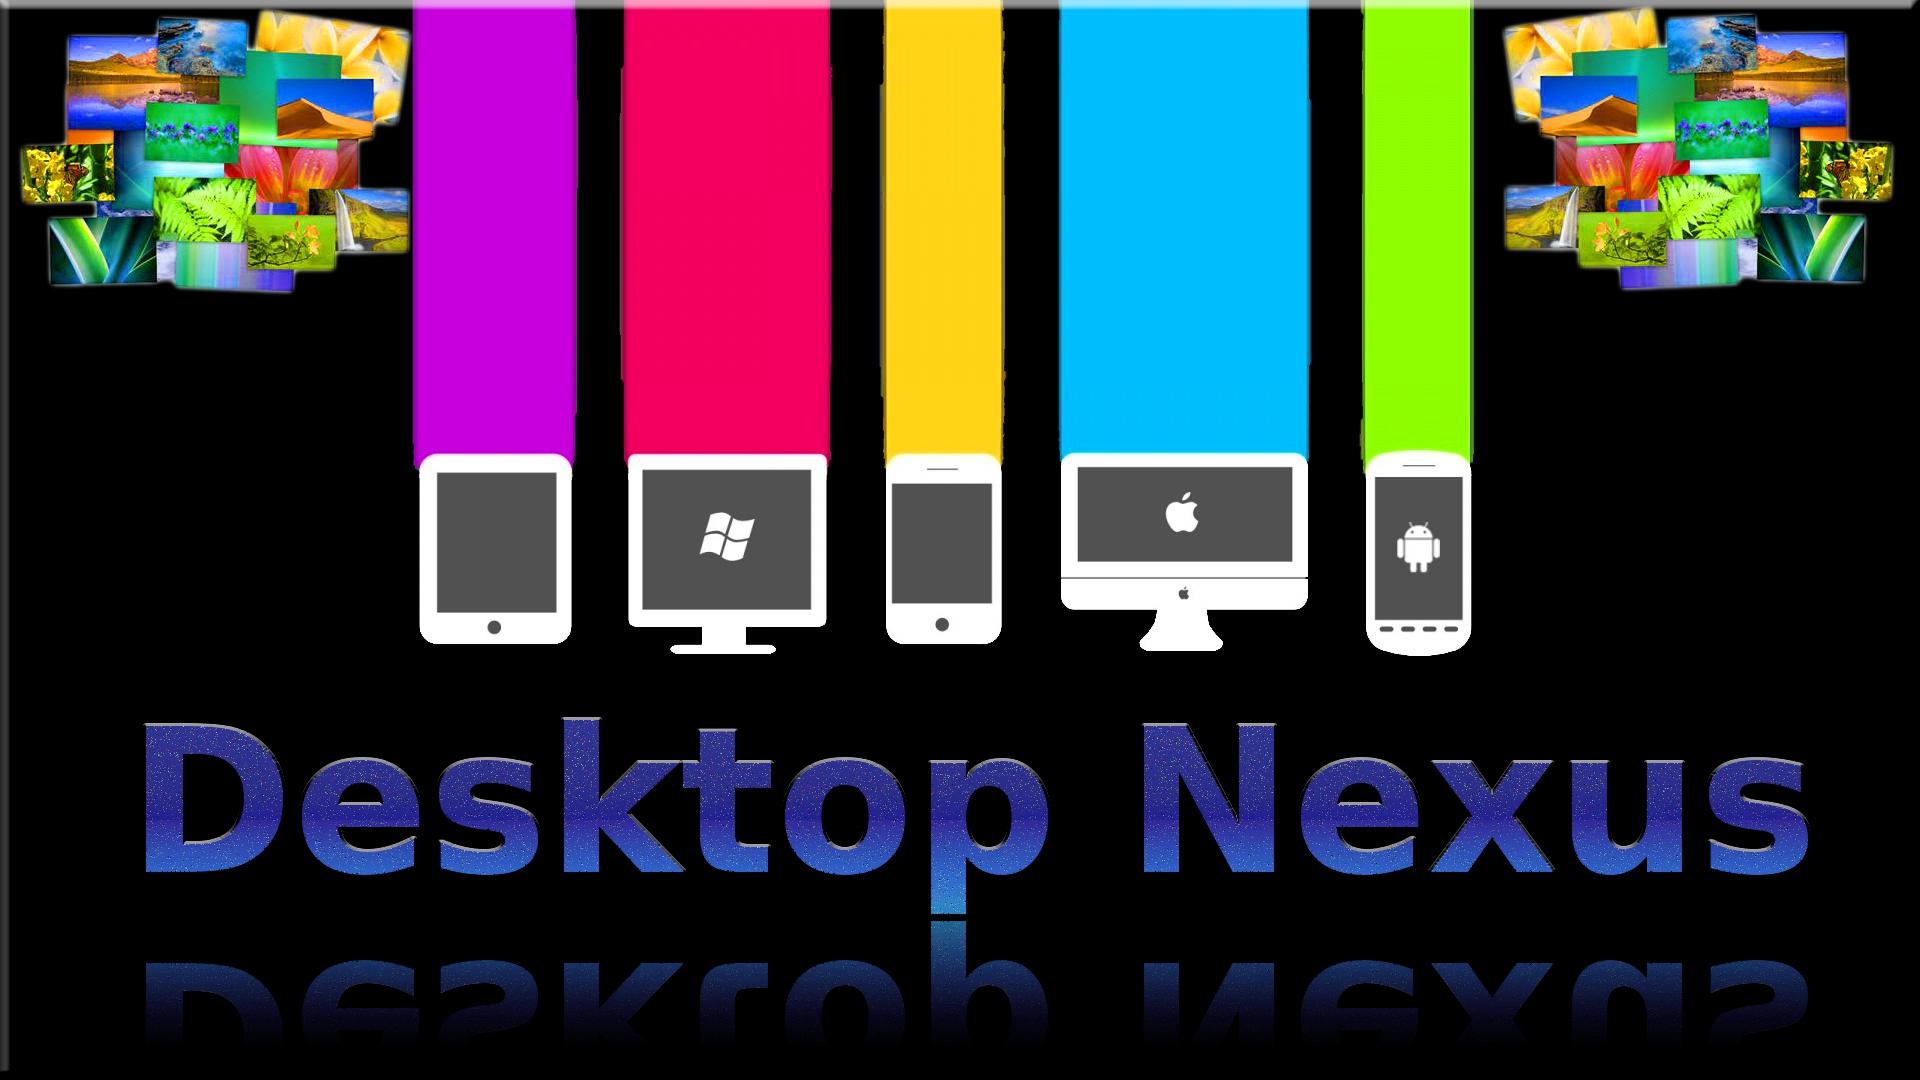 Abstract Desktop Wallpaper Nexus Nature 5344 Hd Wallpapers 1920x1080